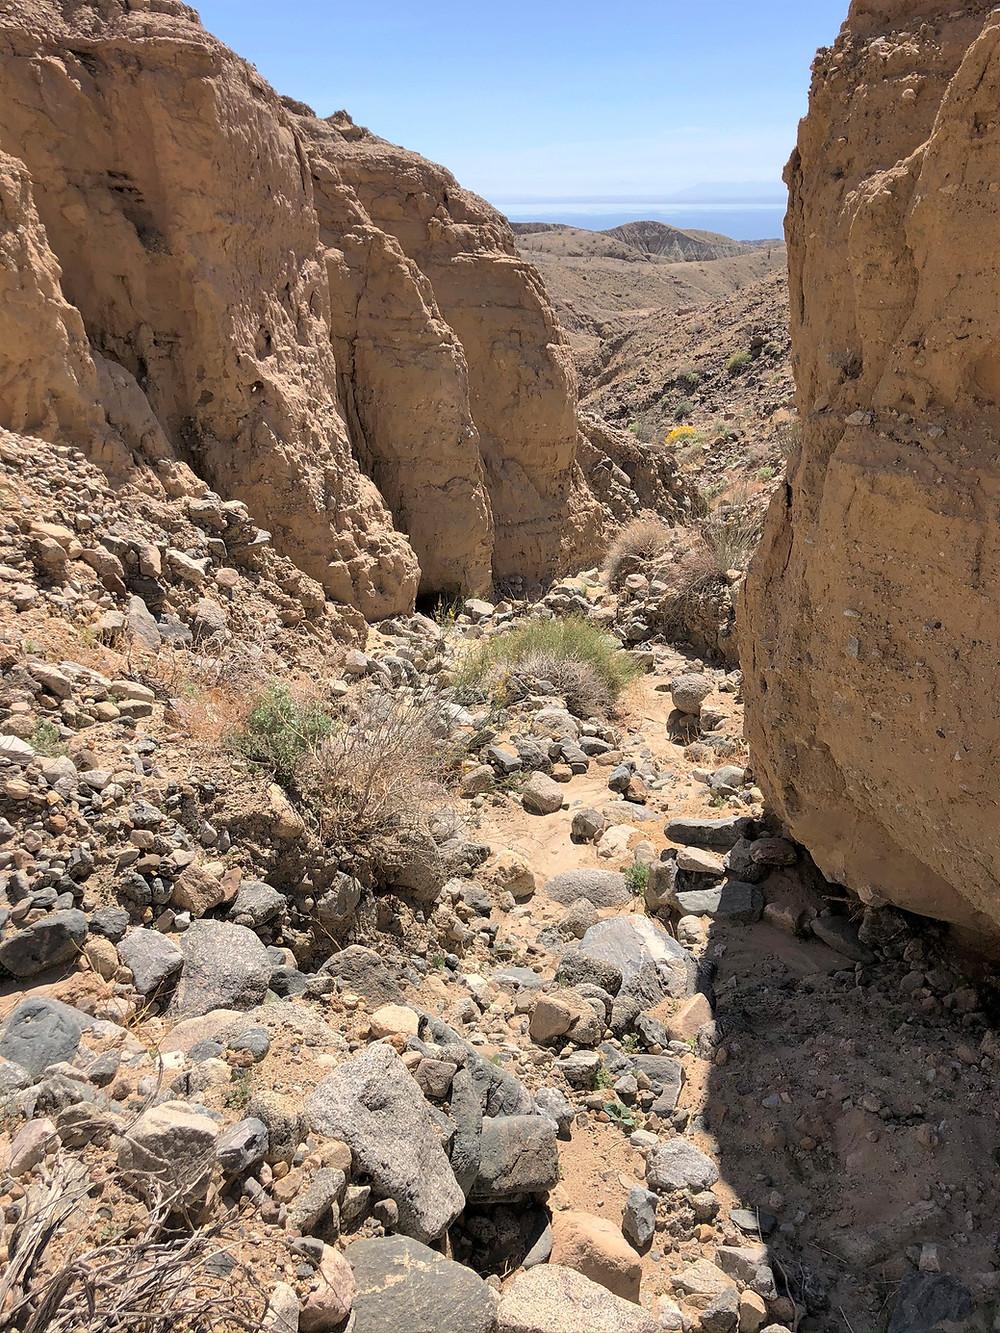 Salton Sea from Mecca Hills trail